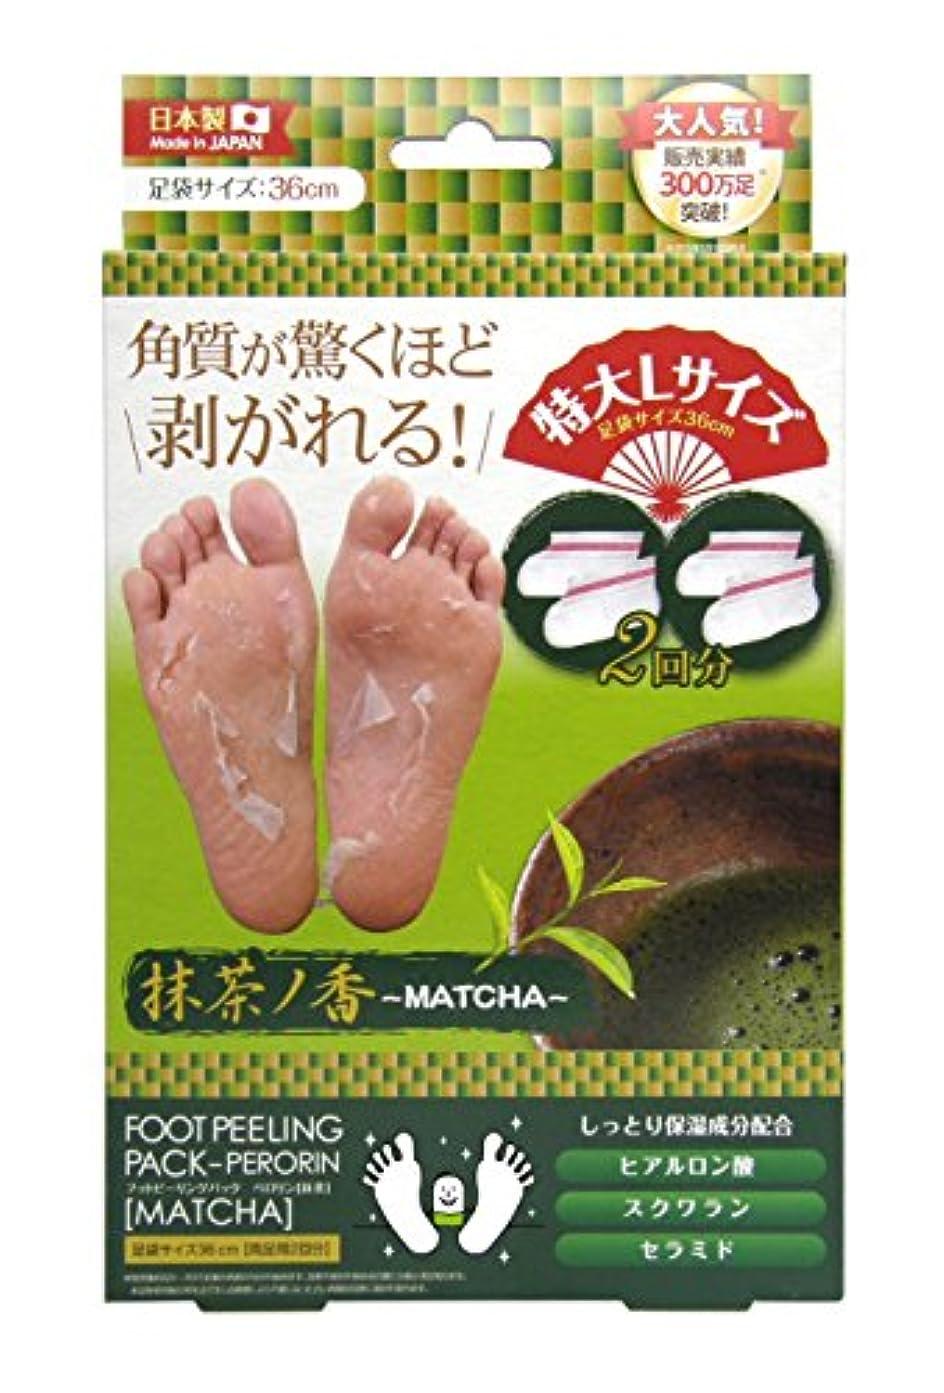 制裁薬局懐疑的フットピーリングパック ペロリン 抹茶2回分Lサイズ(36cm)